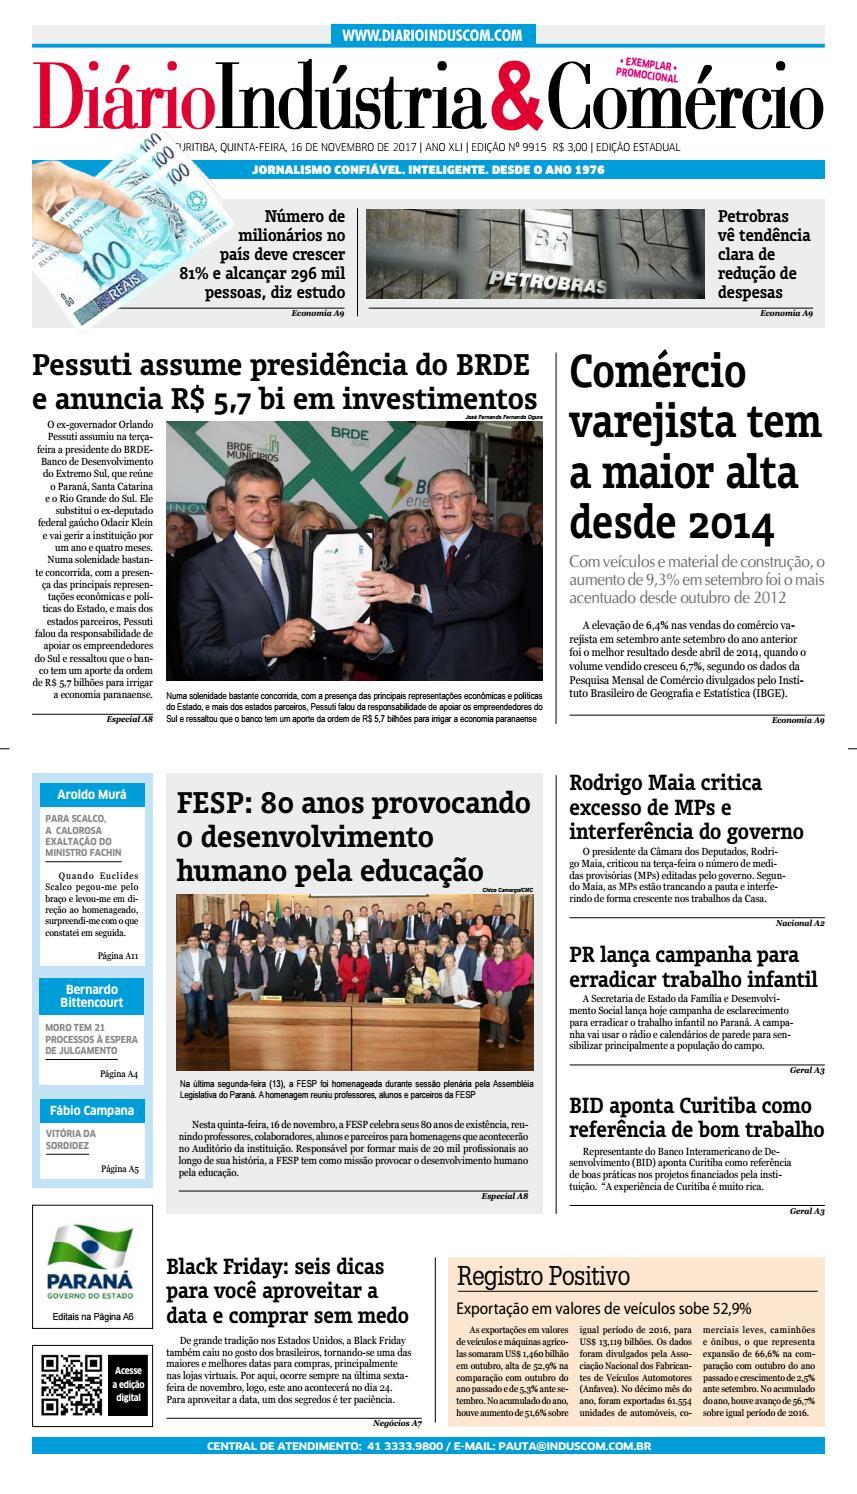 37ca03178 Diário Indústria Comércio - 16 de novembro de 2017 by Diário Indústria    Comércio - issuu